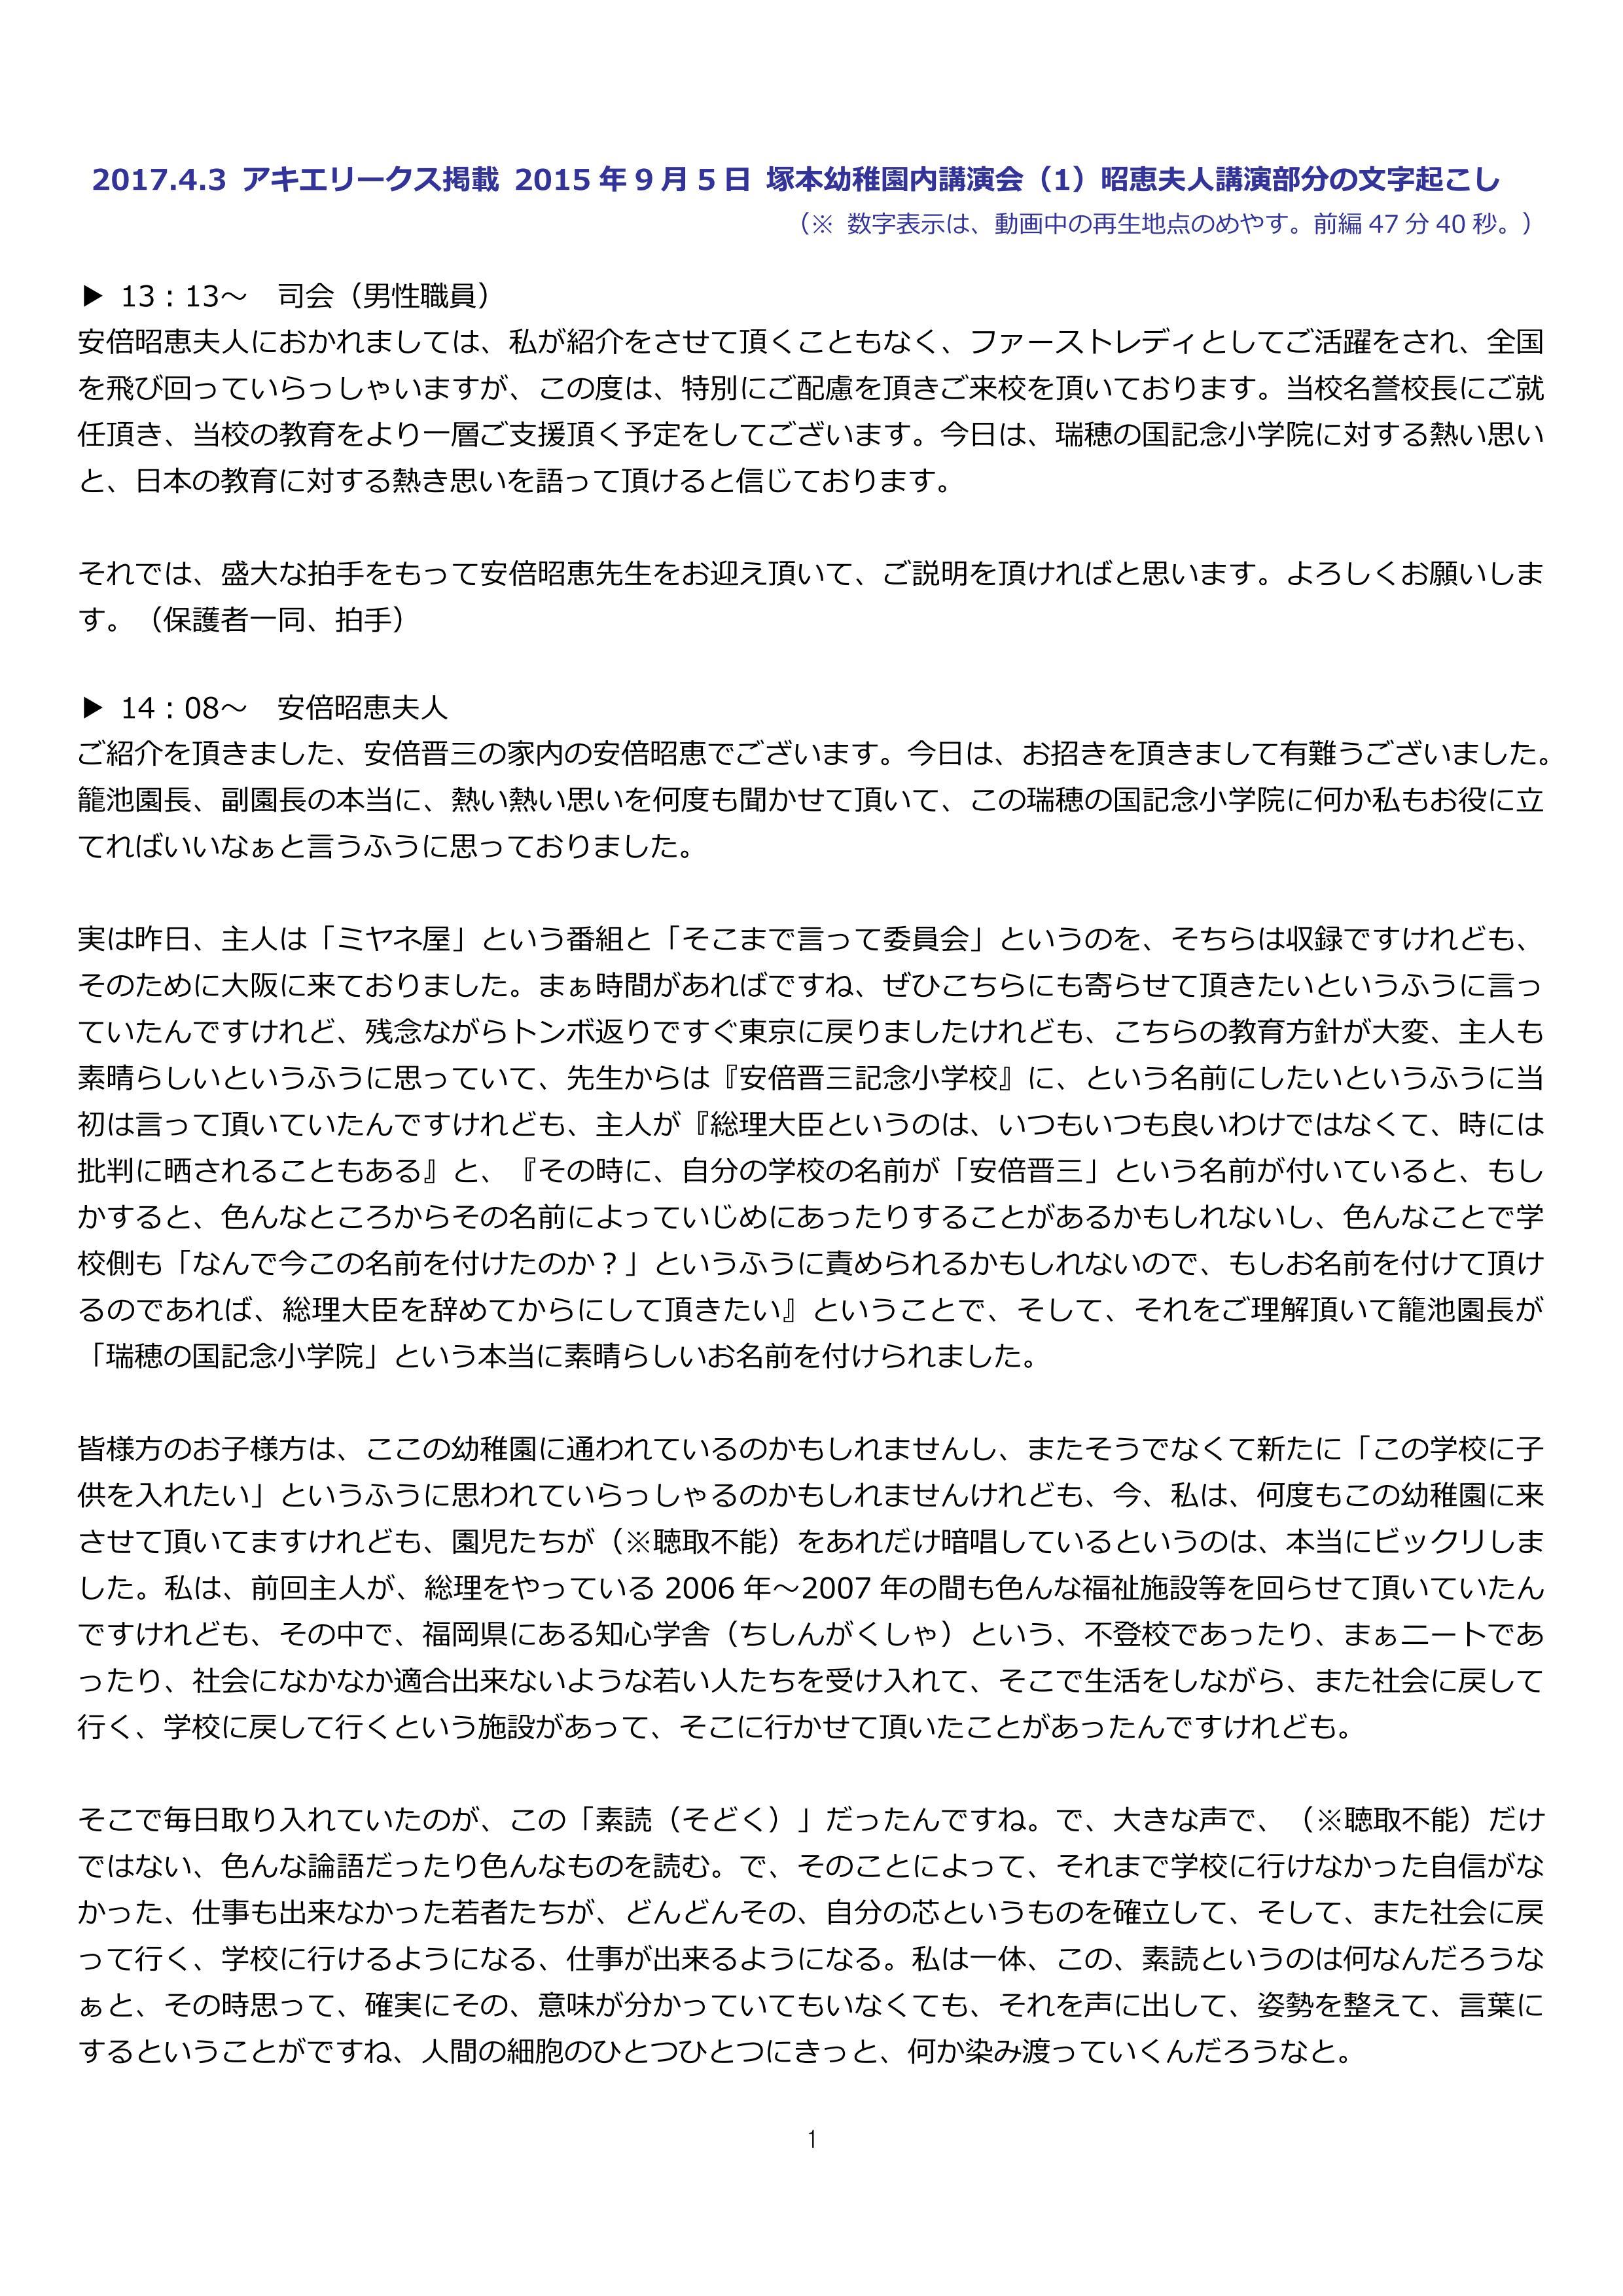 20150905_塚本幼稚園内講演会 (1) (1)_01